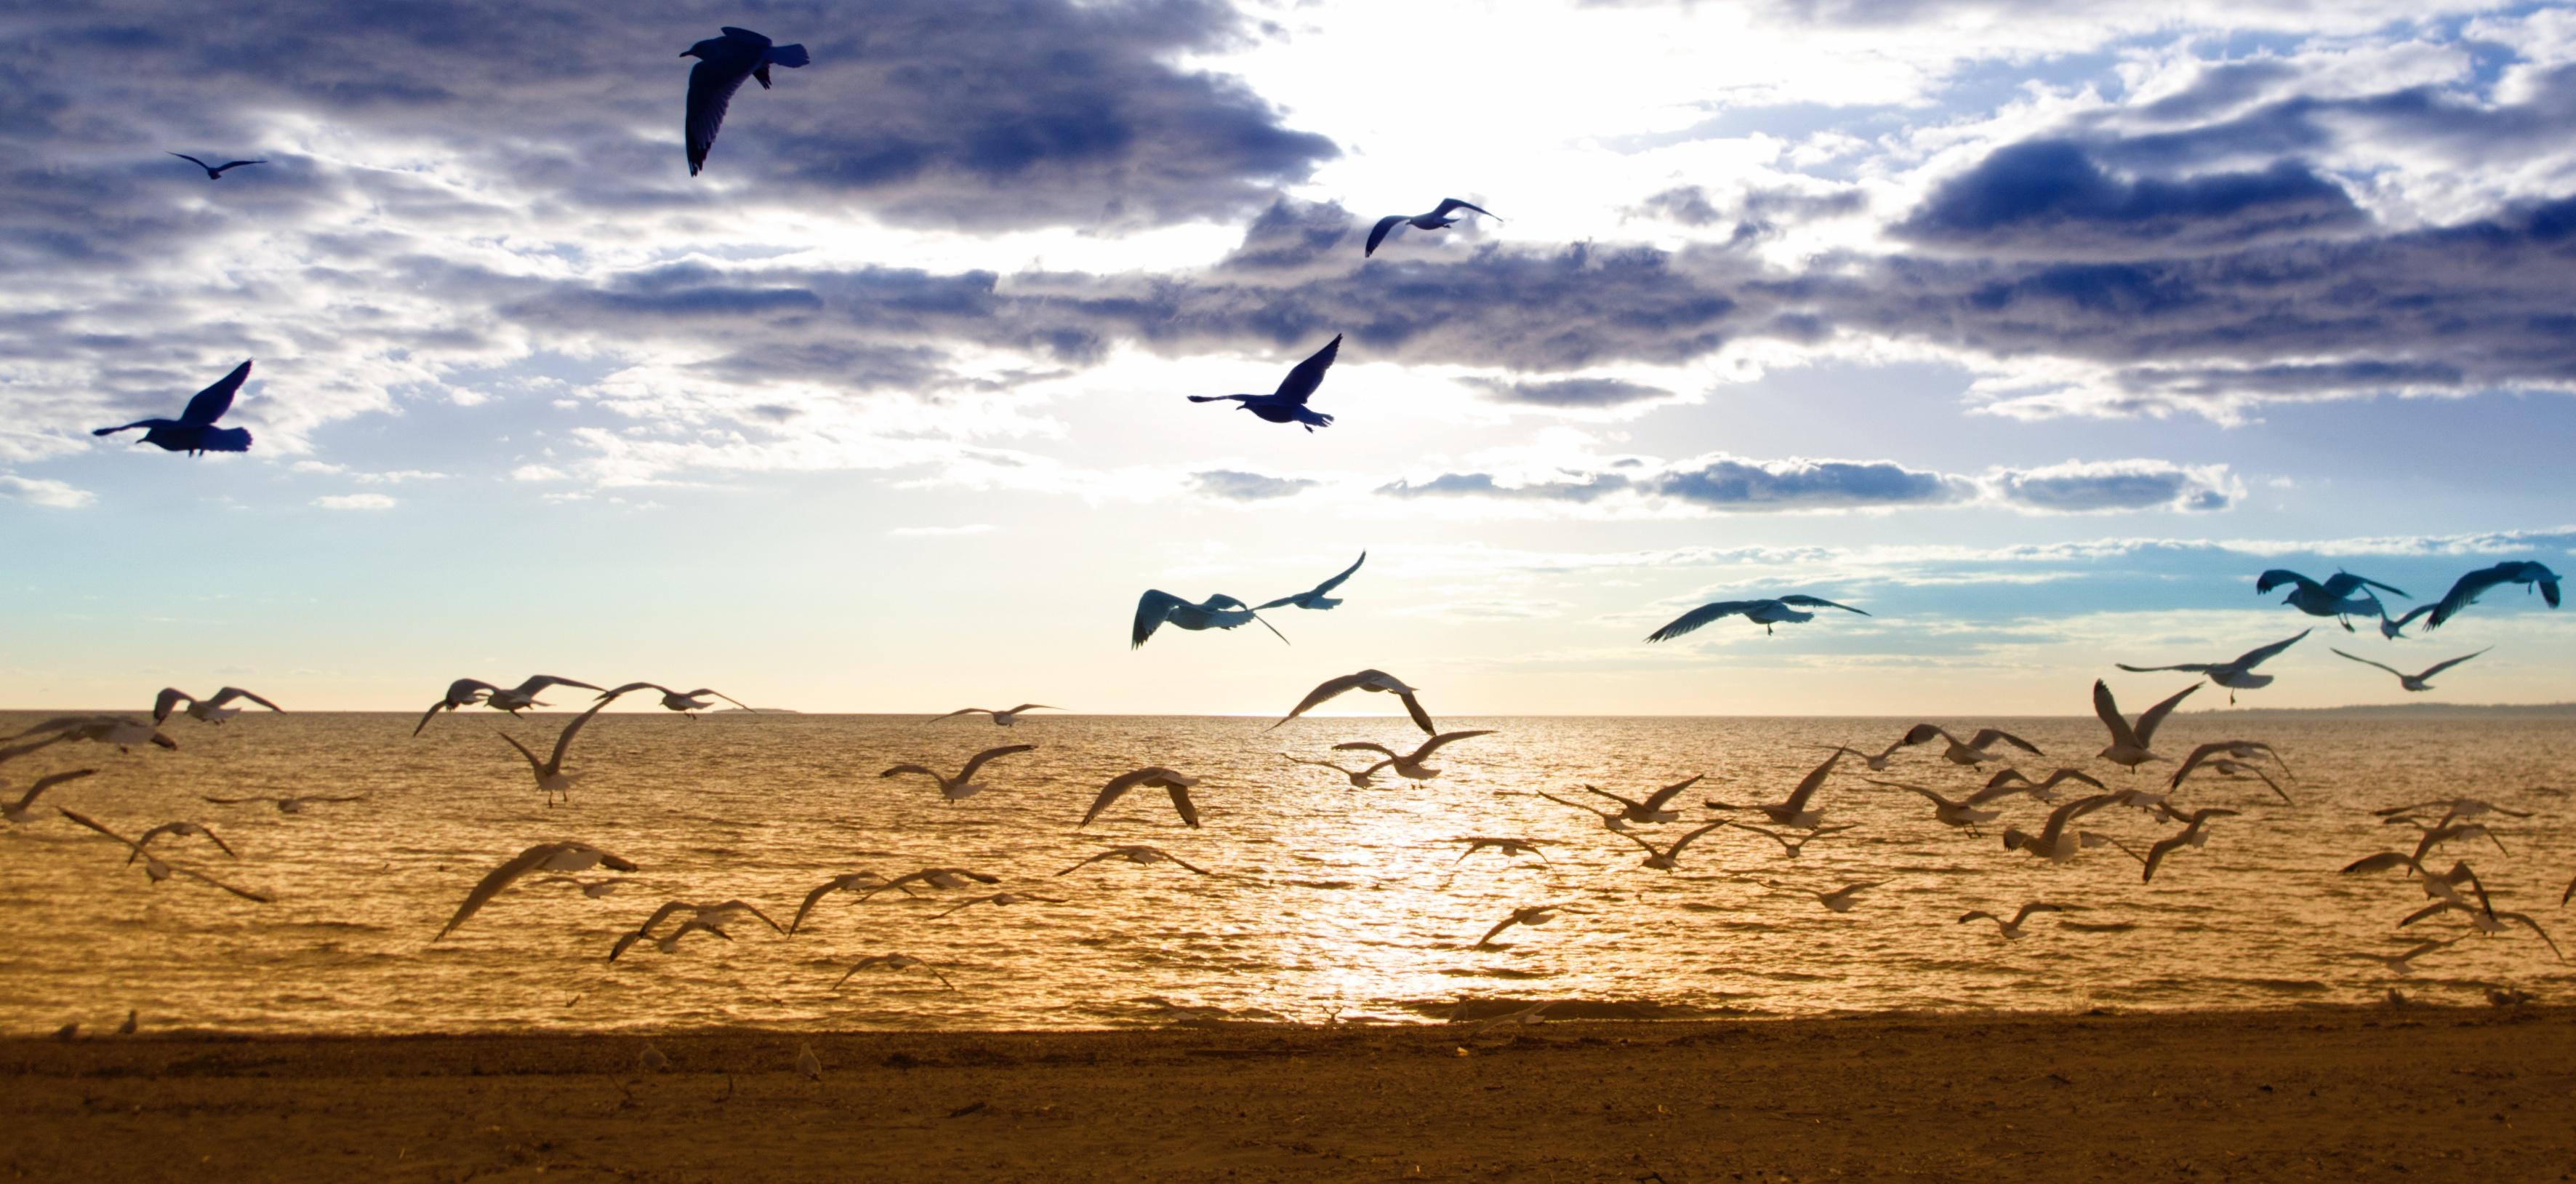 Birds taking off on beach